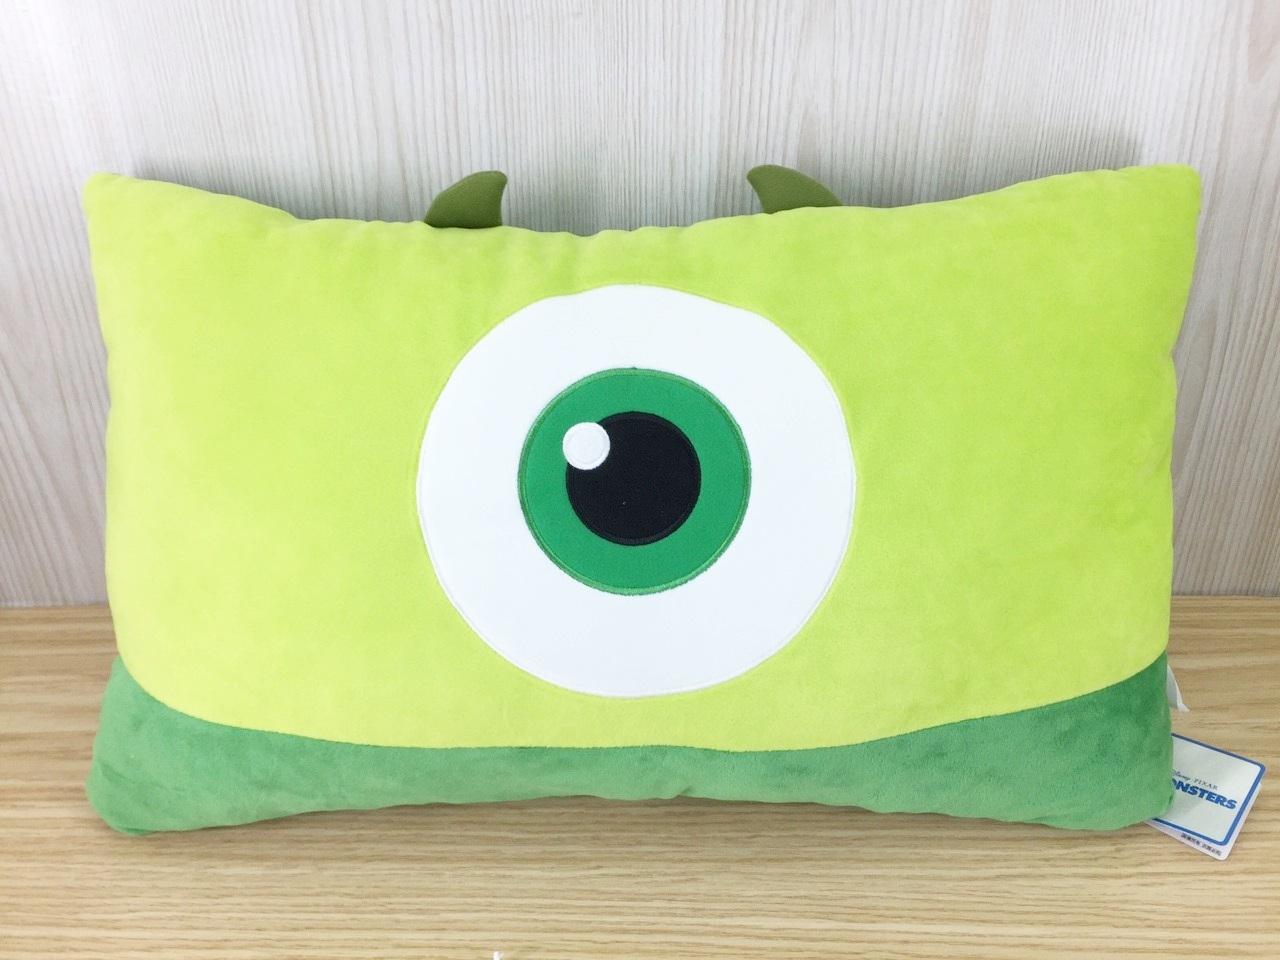 【真愛日本】15121700026 大臉雙人枕-大眼怪   迪士尼 星際寶貝 史迪奇 抱枕 靠枕 枕頭 娃娃